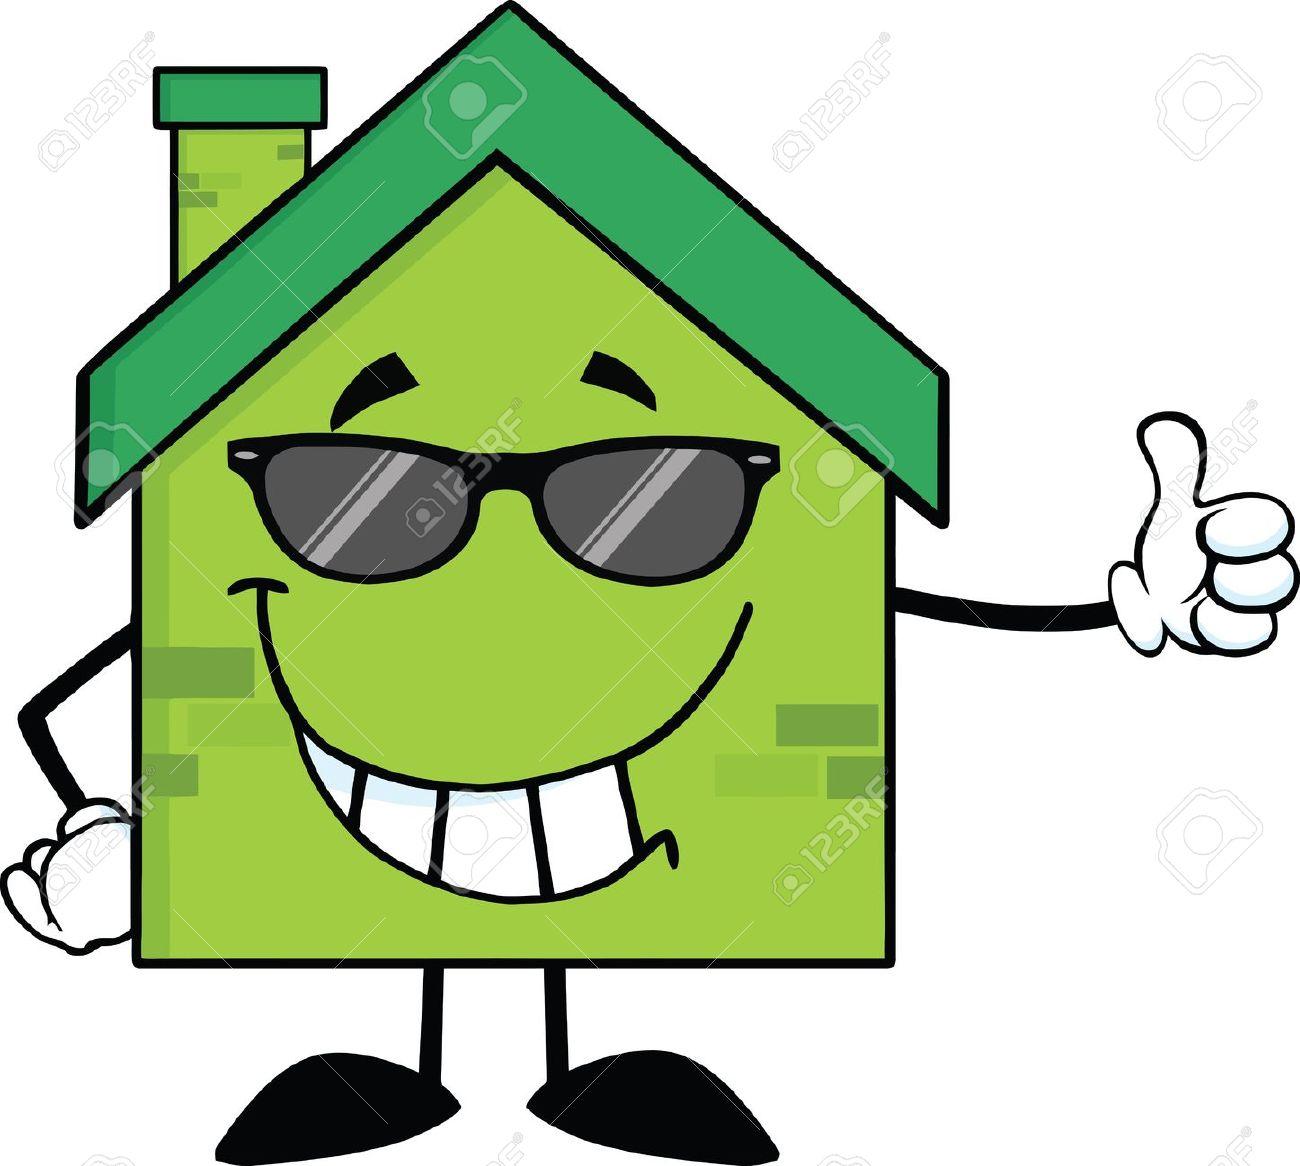 Haus von oben clipart graphic royalty free stock Green Eco Haus Cartoon-Figur Mit Sonnenbrille Mit Einem Daumen ... graphic royalty free stock